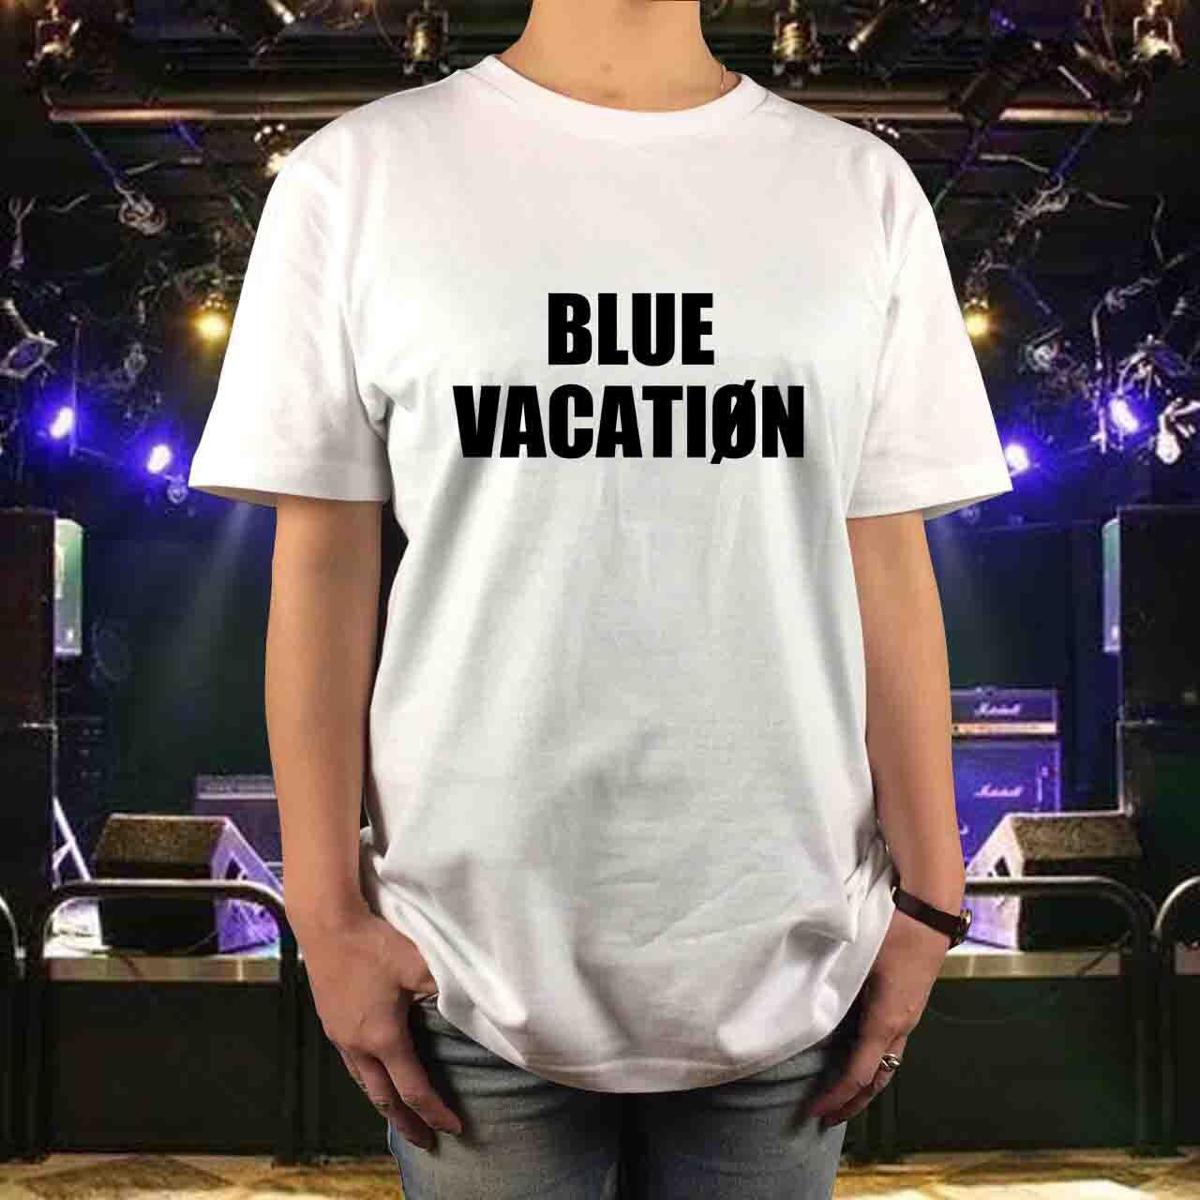 新品 BOOWY ボウイ メッセージTシャツ BLUE VACATION ブルーバケーション サイズS,M,L,XL 氷室京介 布袋寅泰 メンズ レディース GIGS ライブグッズの画像